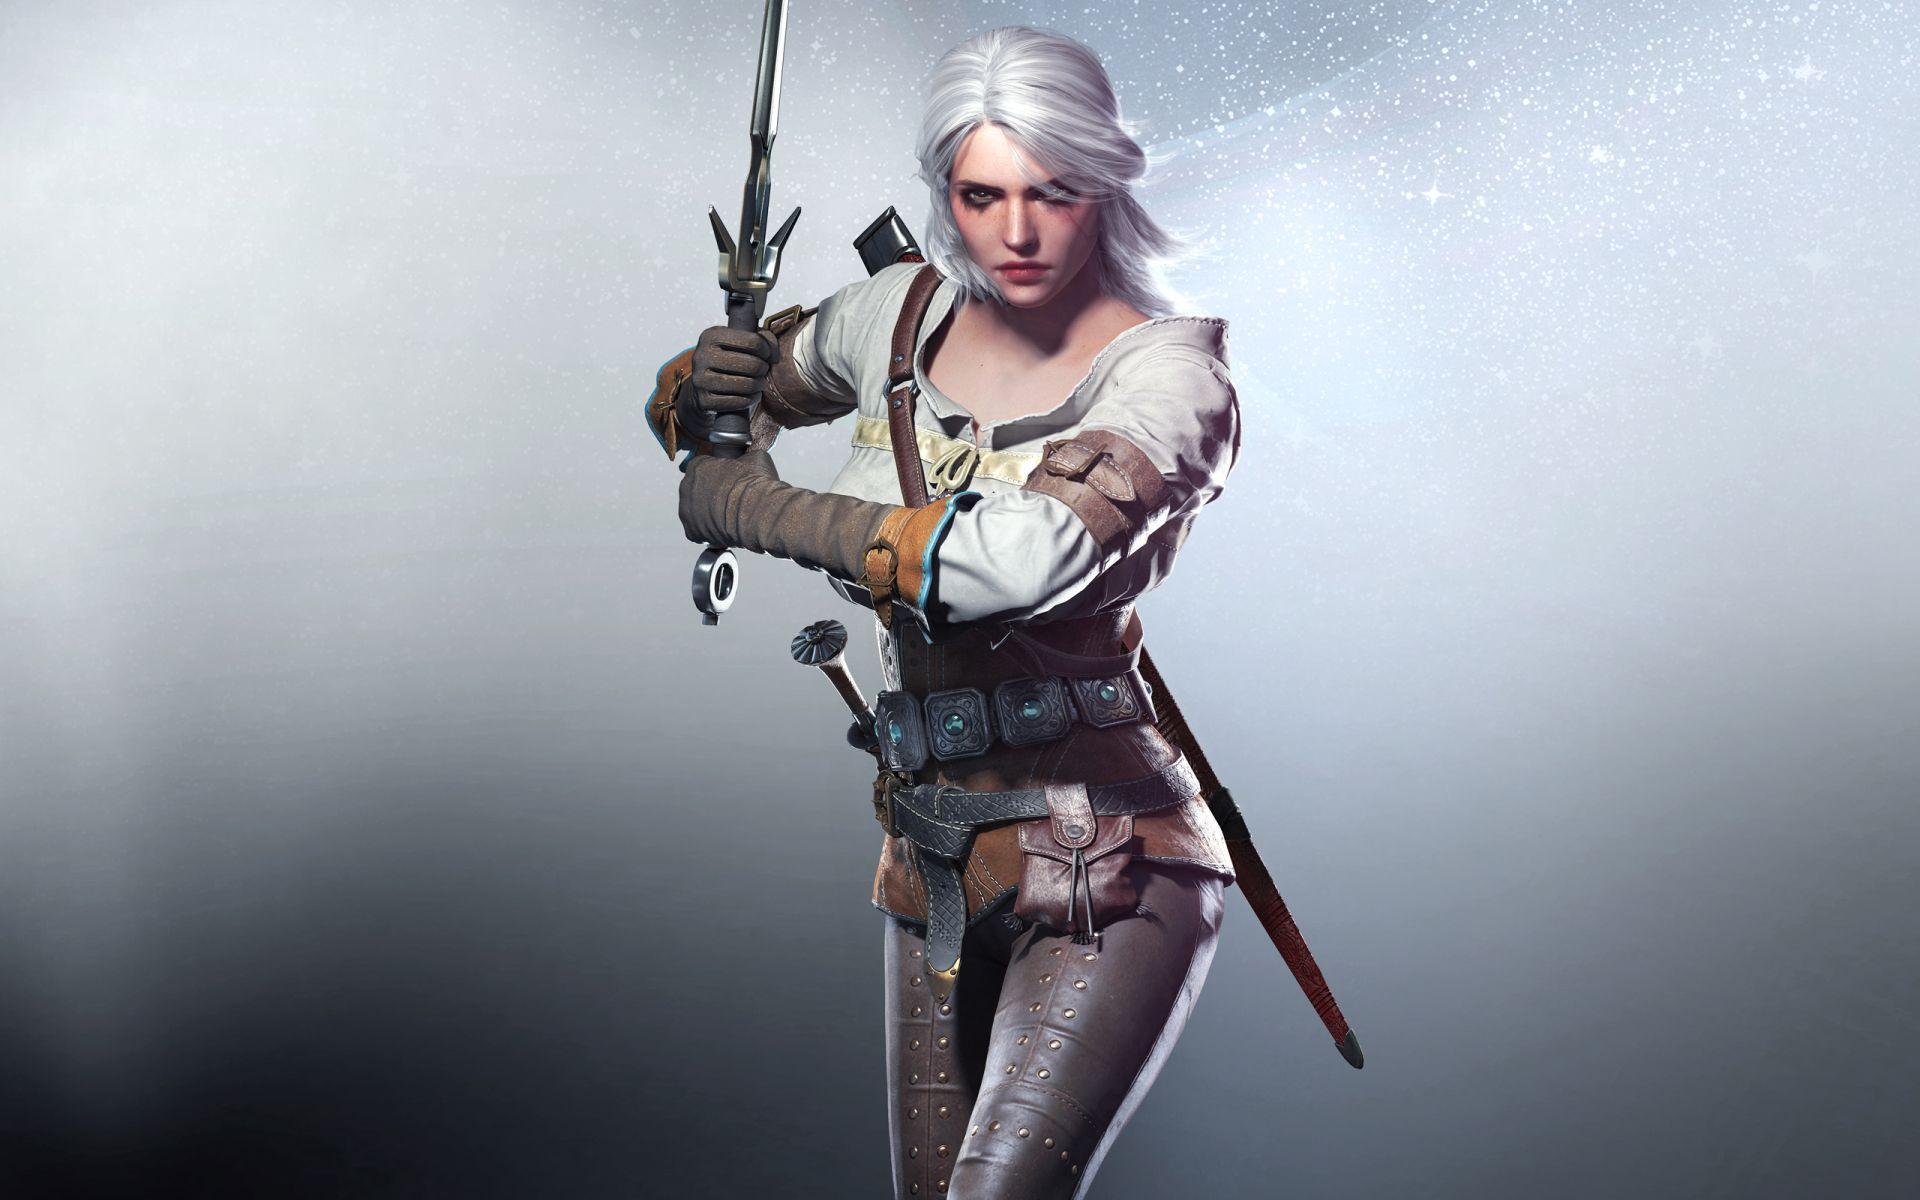 Witcher Ciri, Full HD Wallpaper